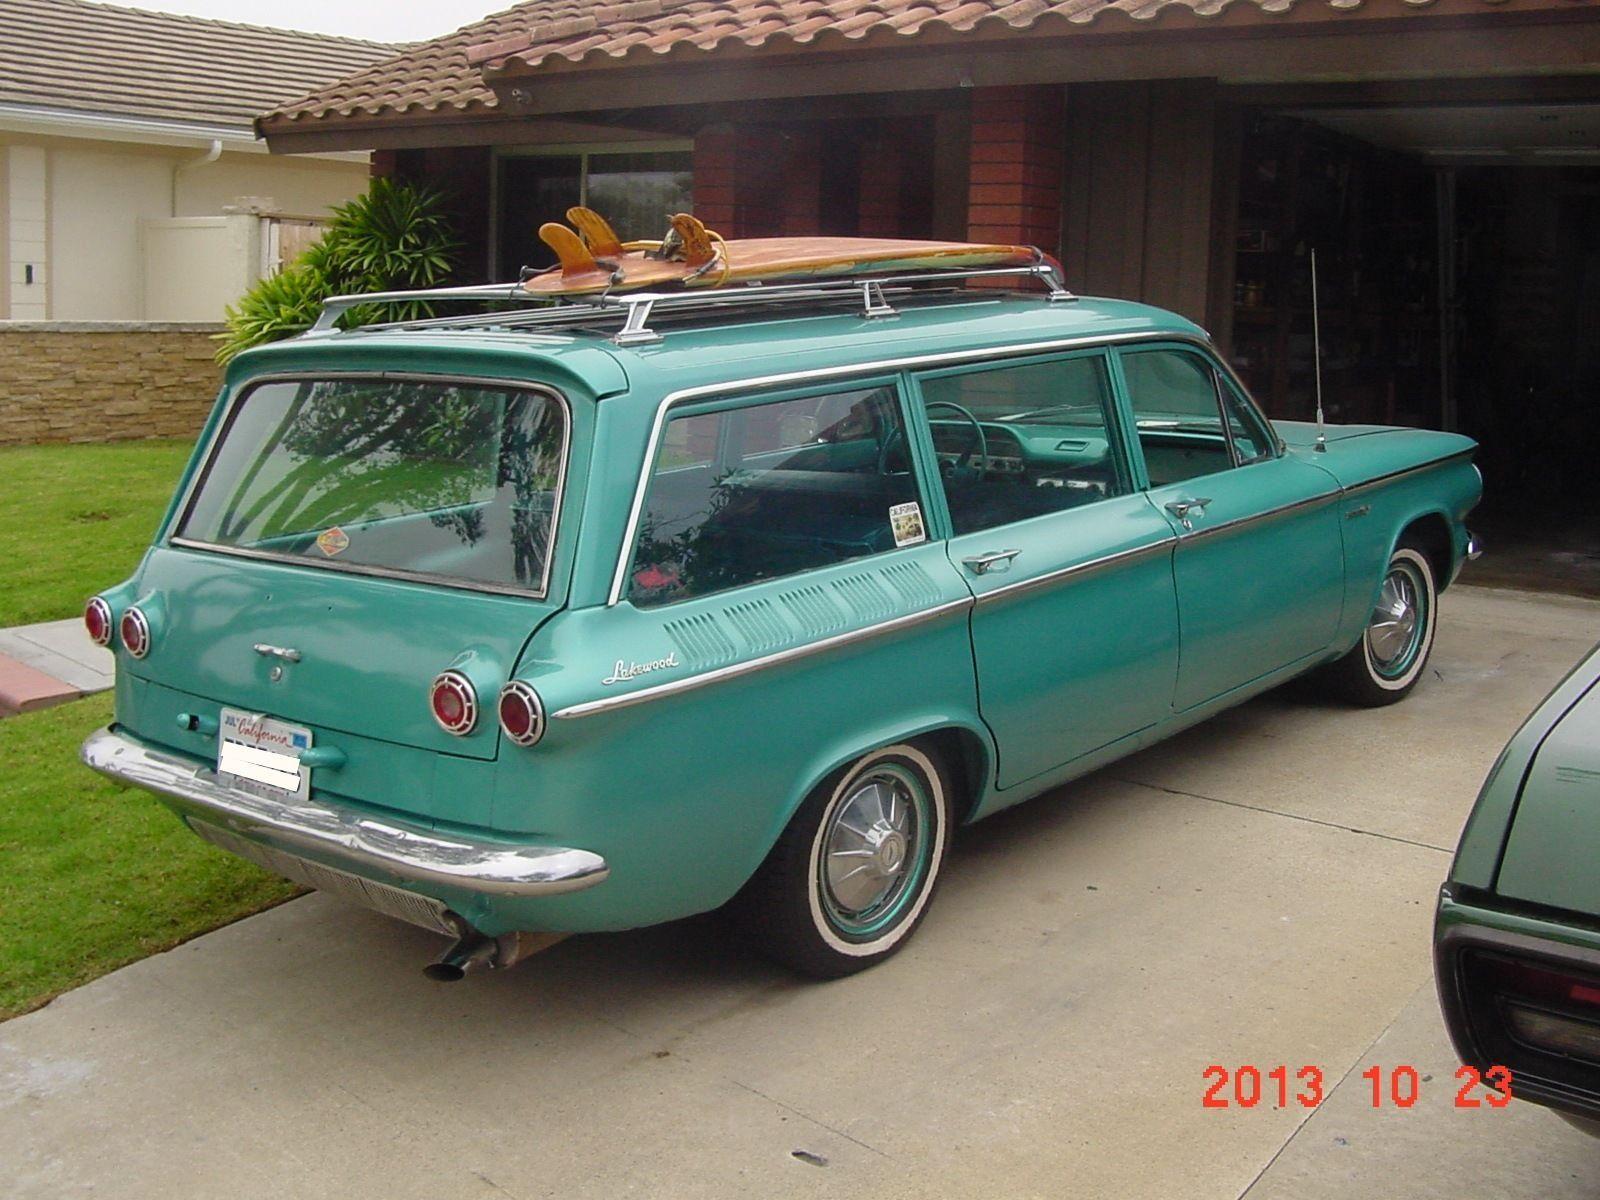 Chevrolet Corvair Lakewood Wagon Adrenaline Capsules